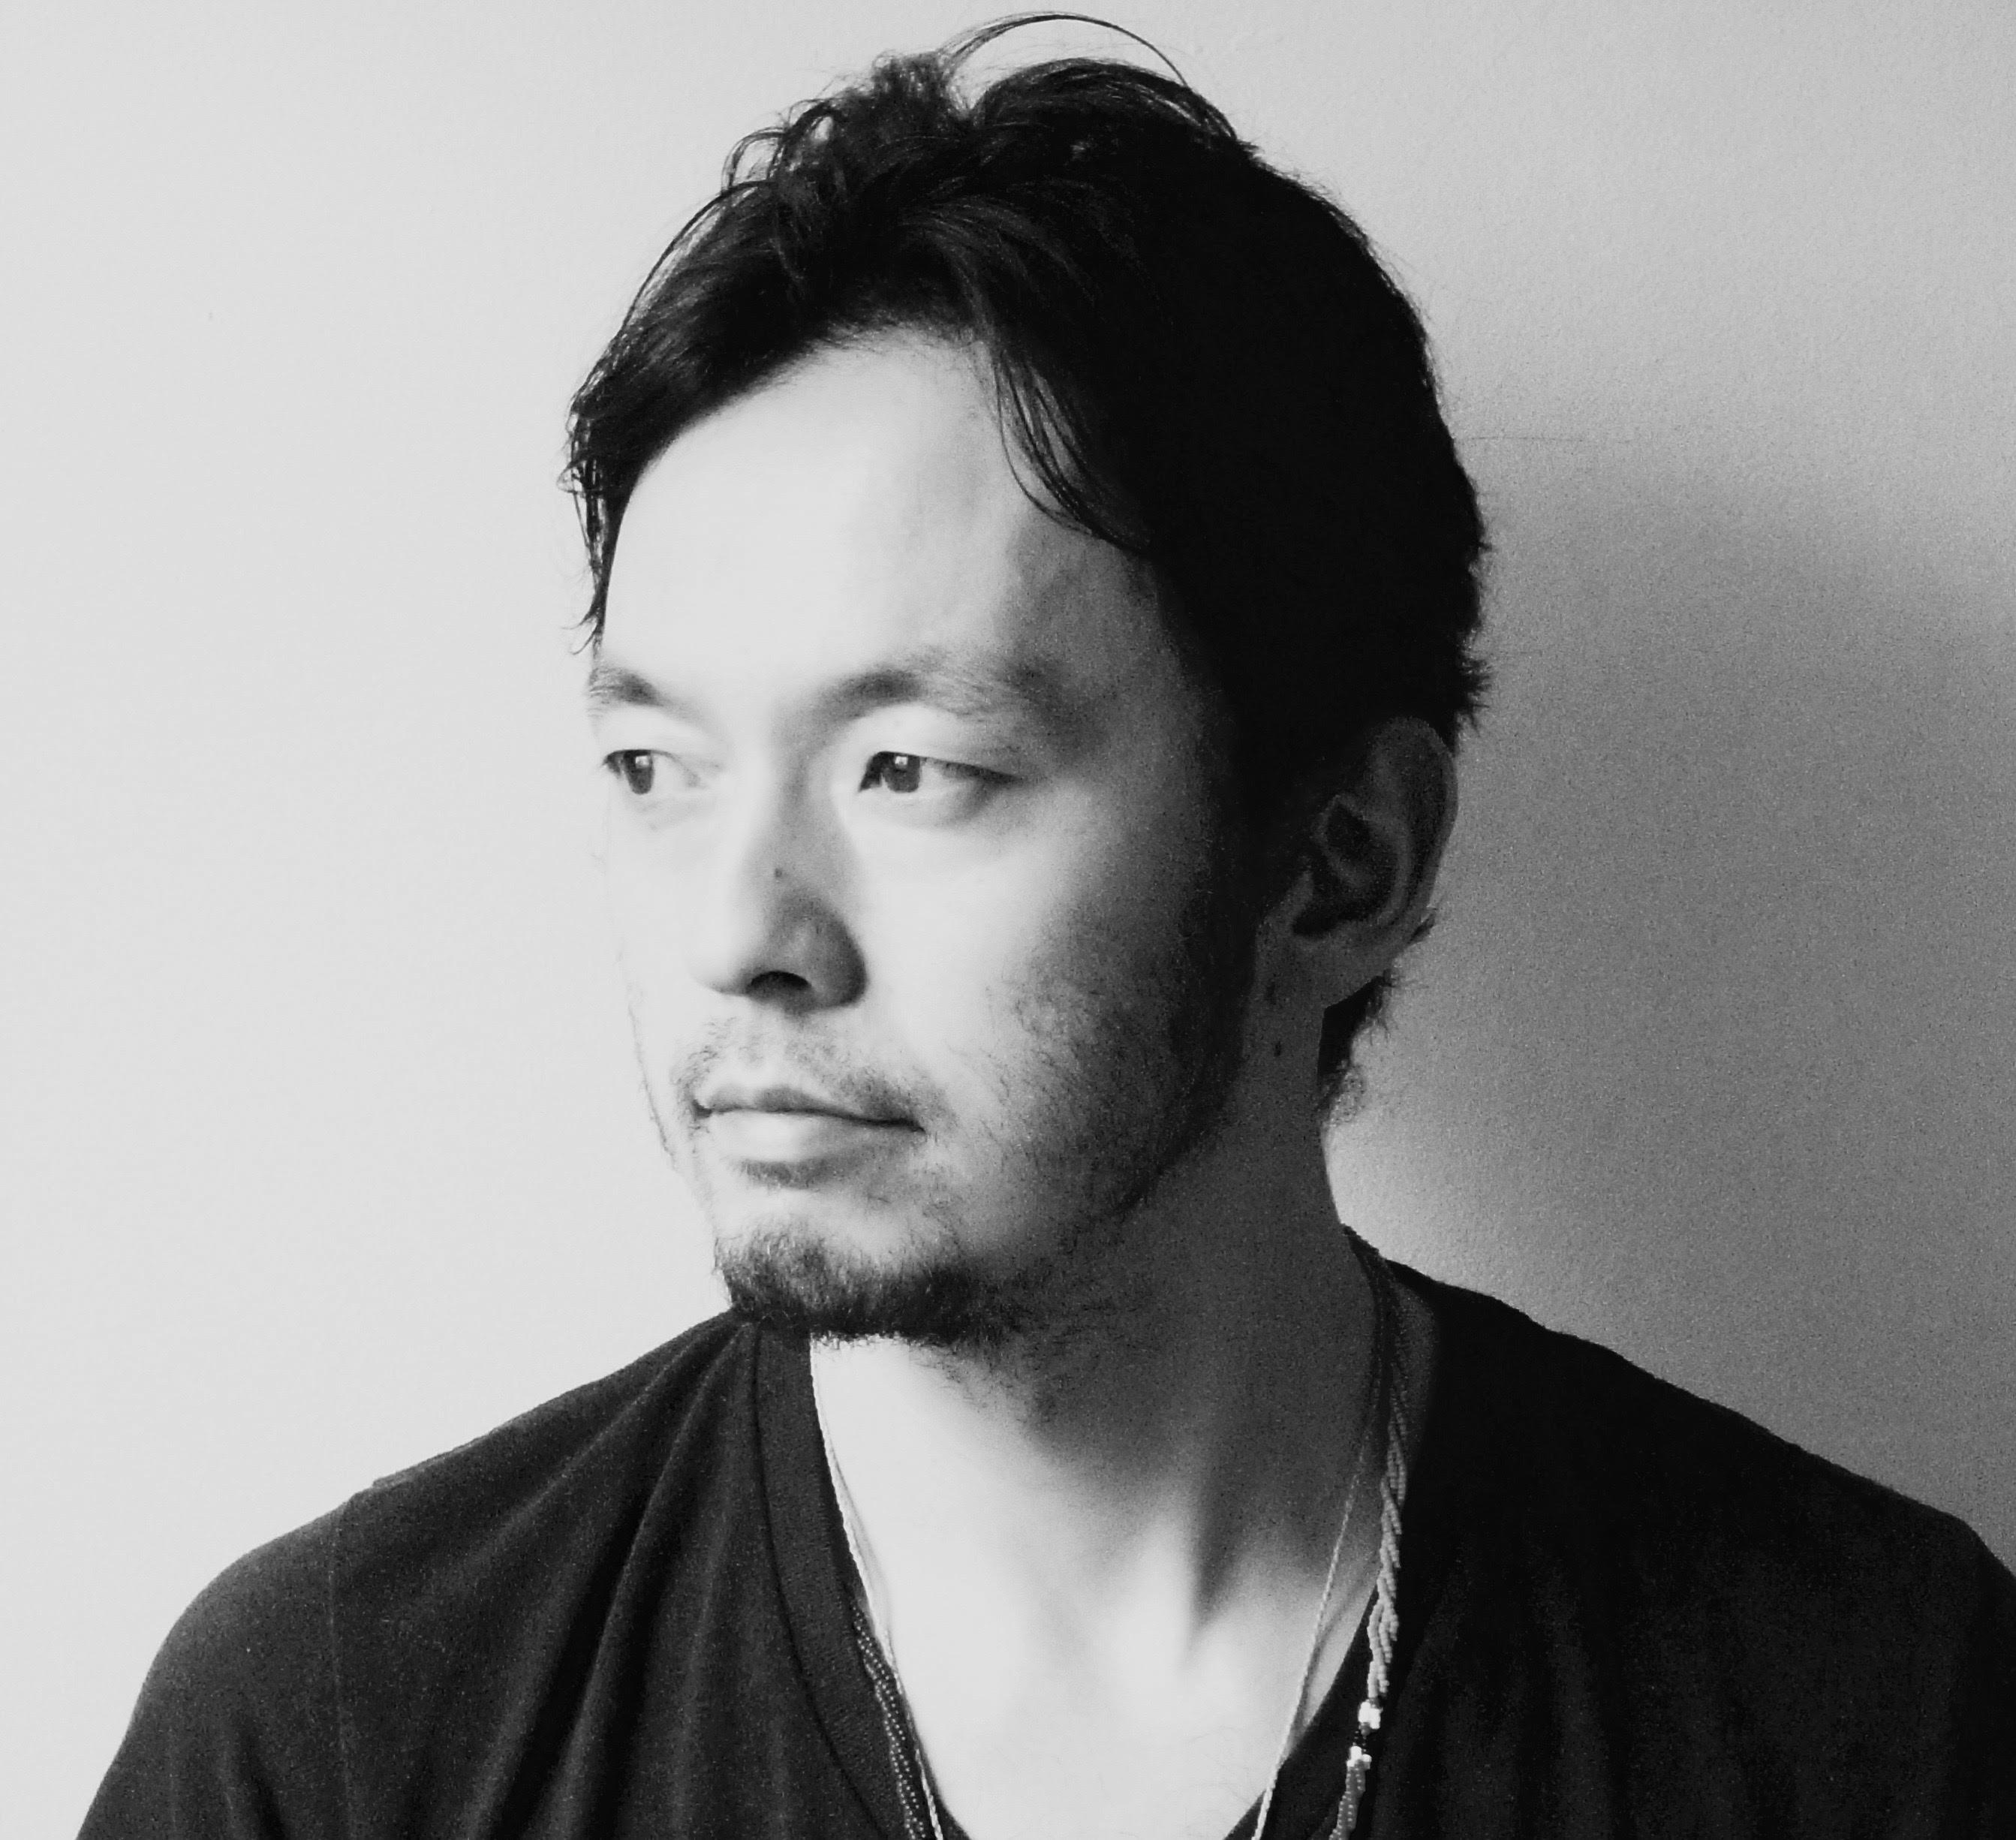 """7/27(土) TAP DANCER 熊谷和徳 """" Kazunori Kumagai """" 福岡公演 @ UINON SODA"""